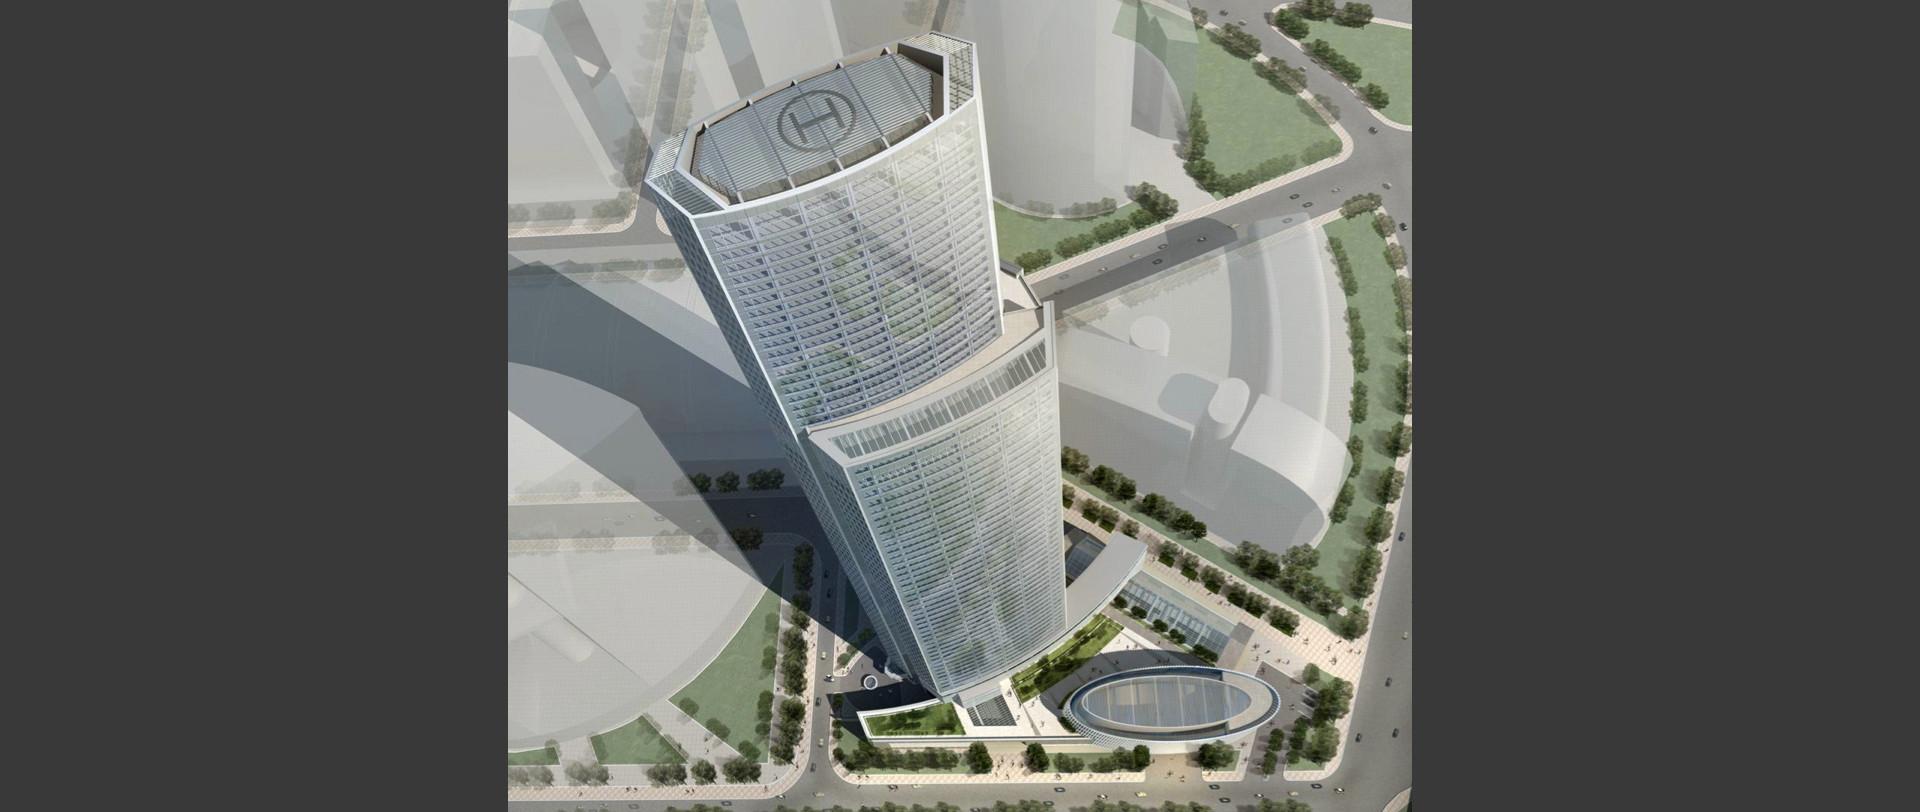 MIBC - EURASIA TOWER